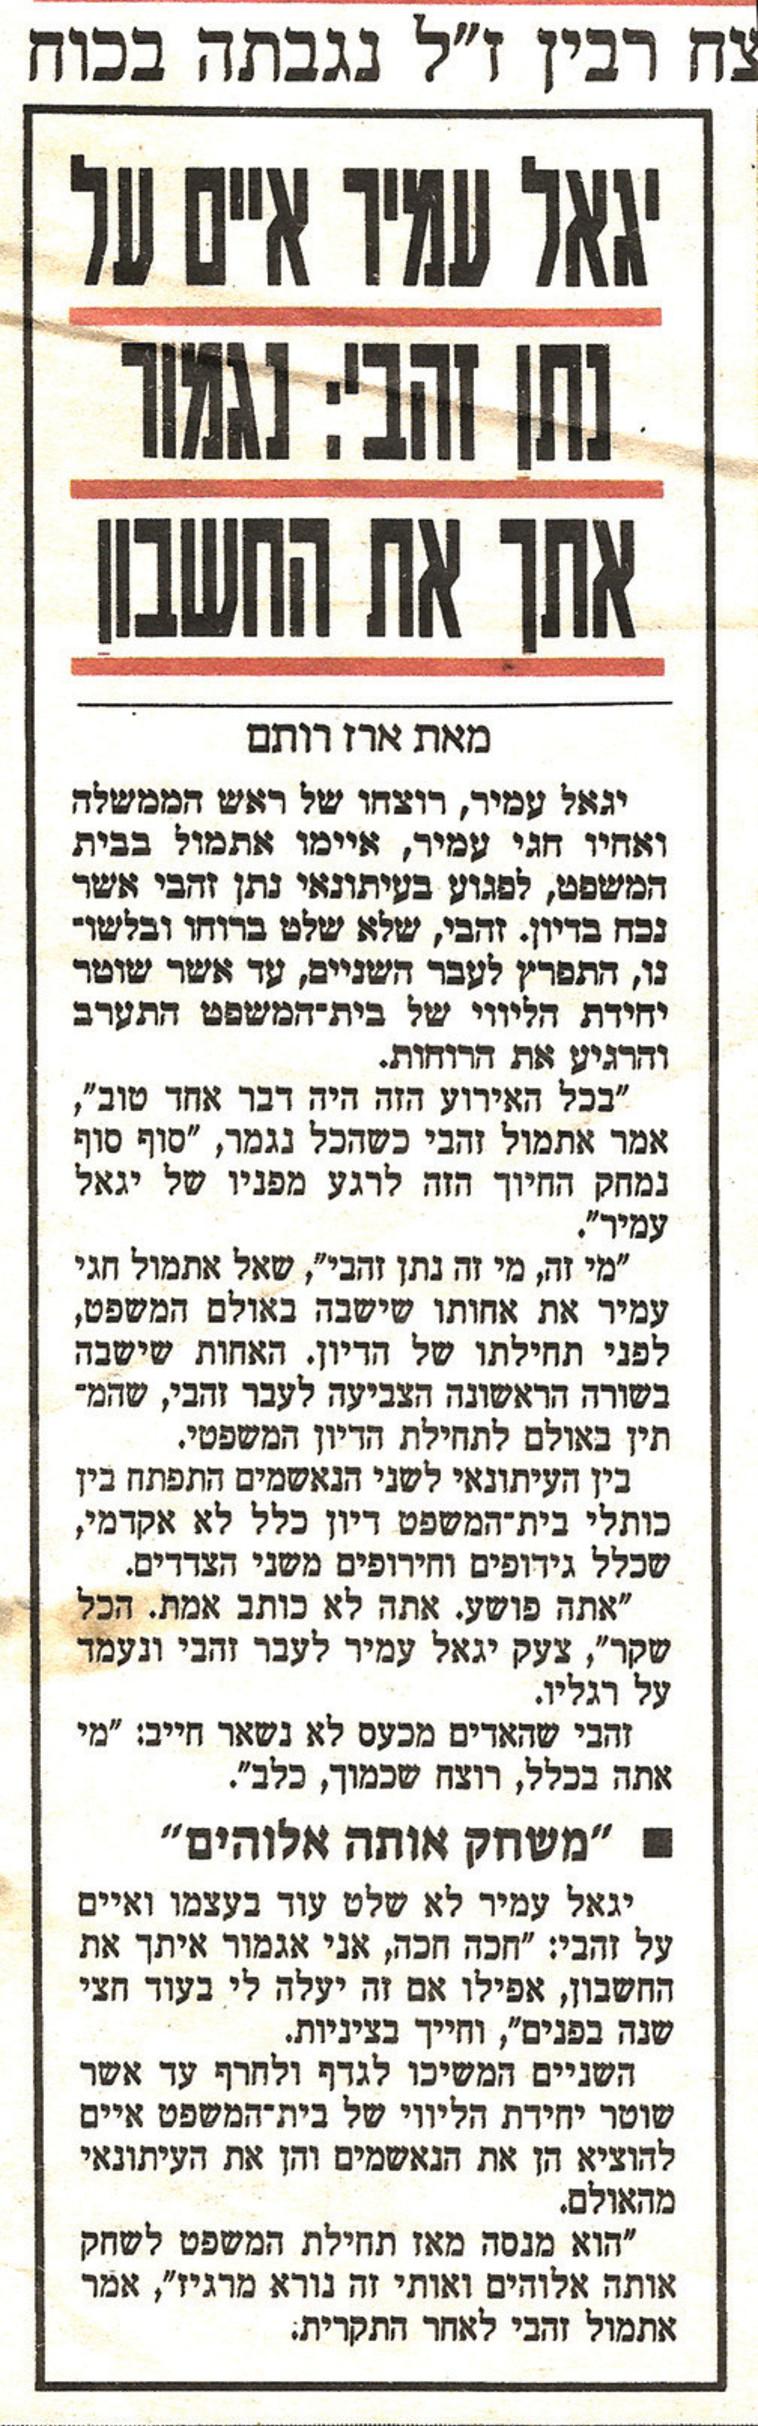 יגאל עמיר מאיים על נתן זהבי (צילום: ללא)